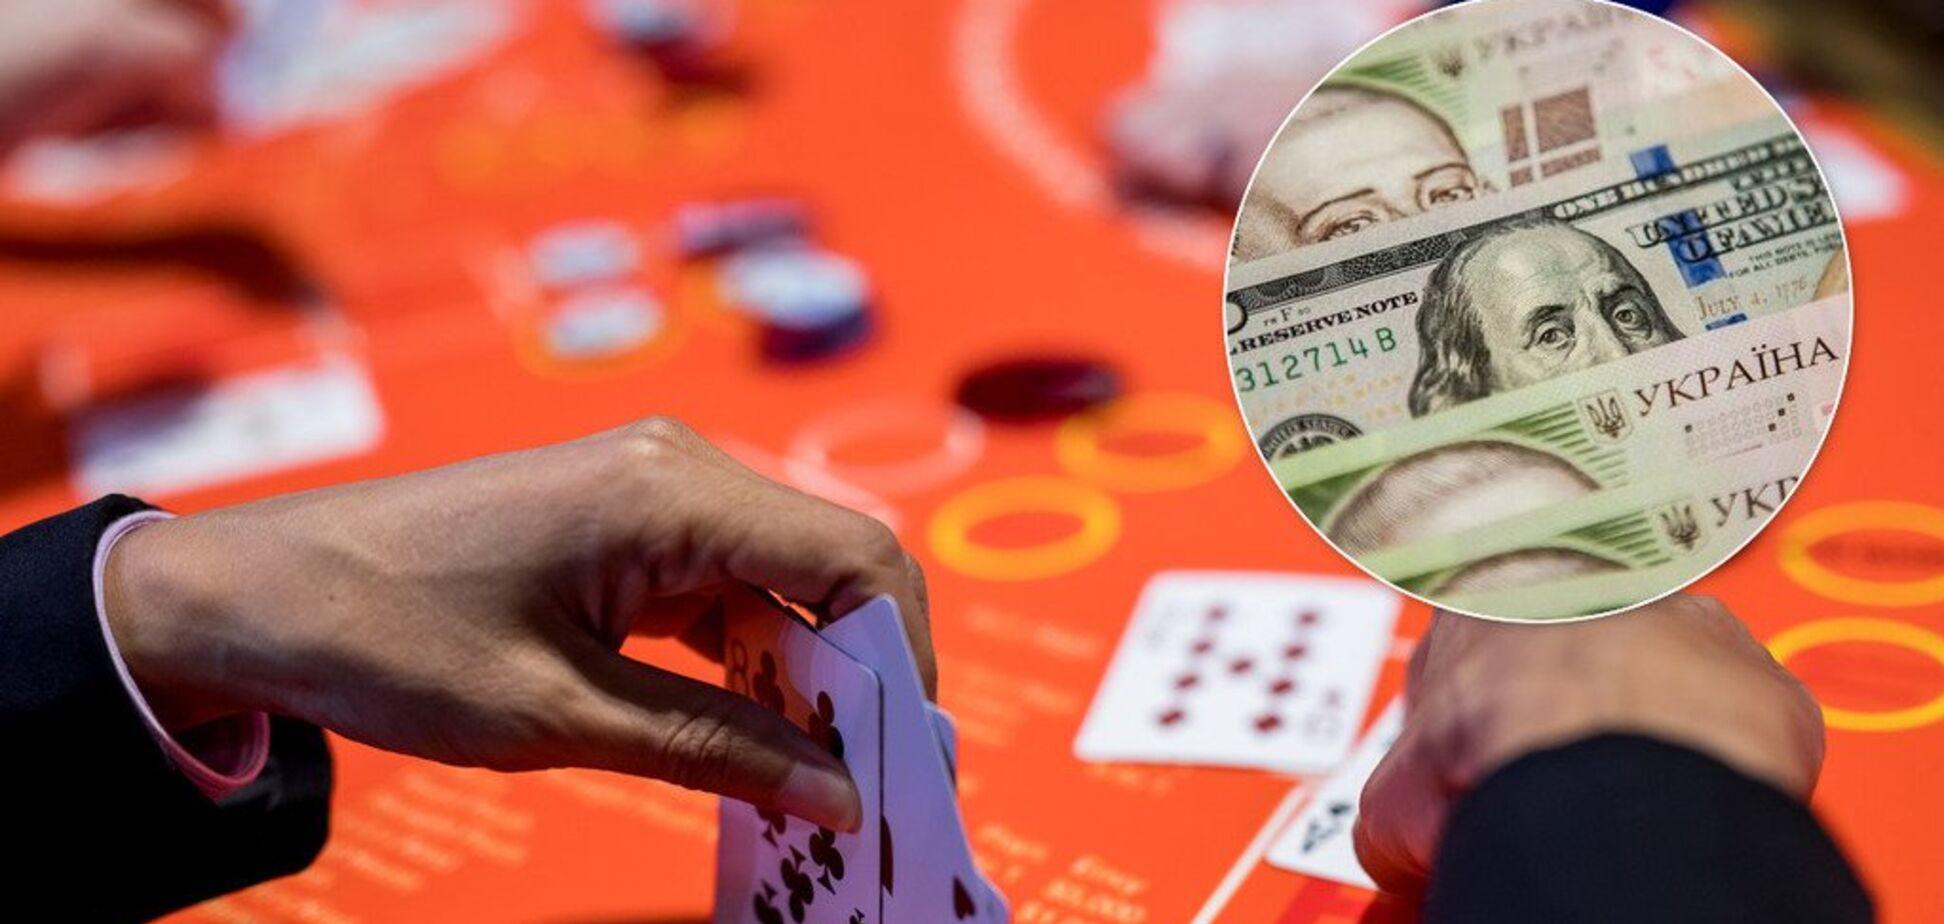 'Слуга народа' легализует азартные игры в Украине: что важно знать о новшестве